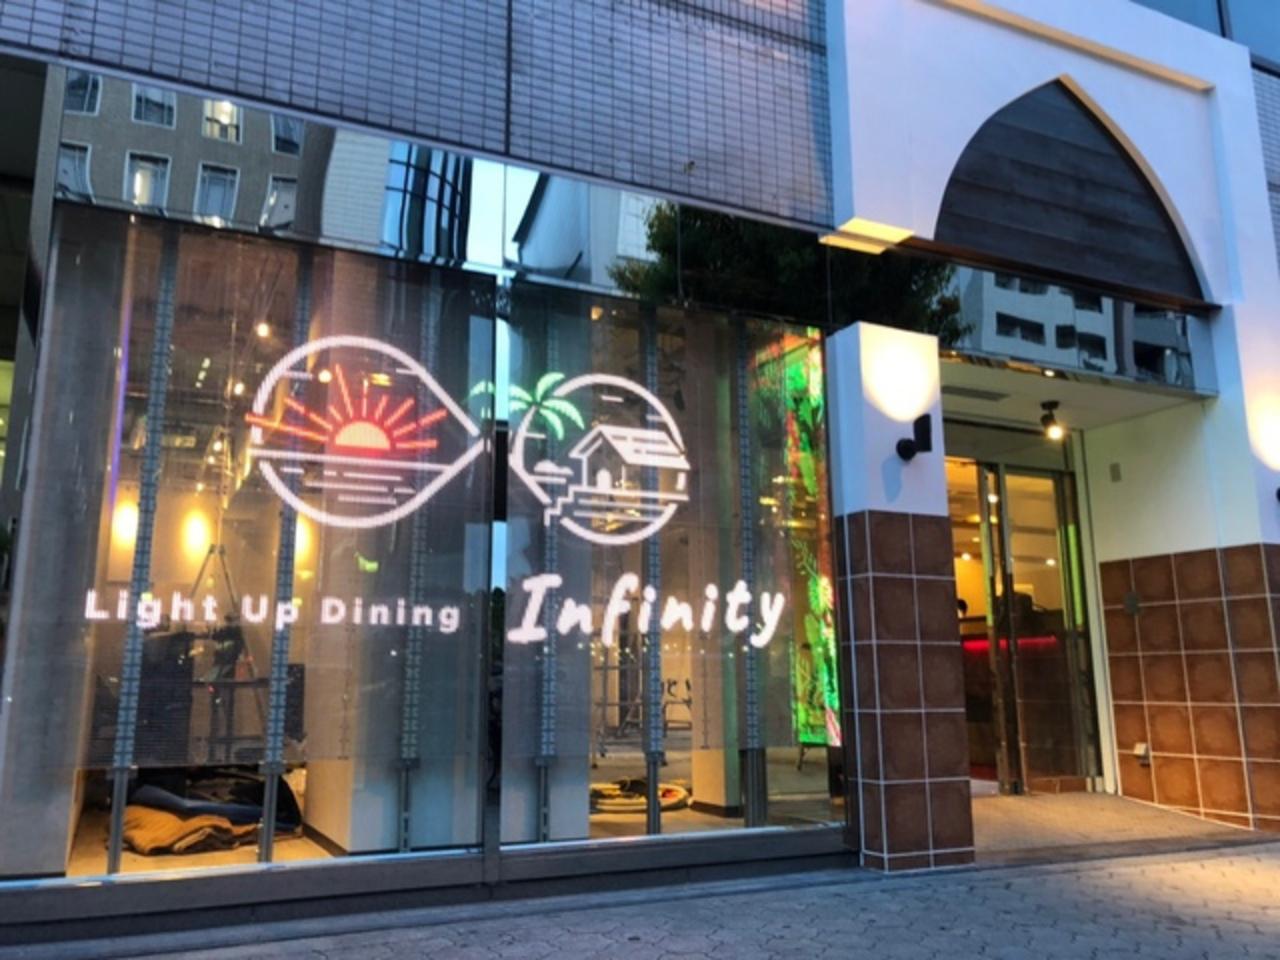 大阪市中央区の谷町四丁目駅近くにライトアップダイニング「インフィニティ」がオープンされたようです。